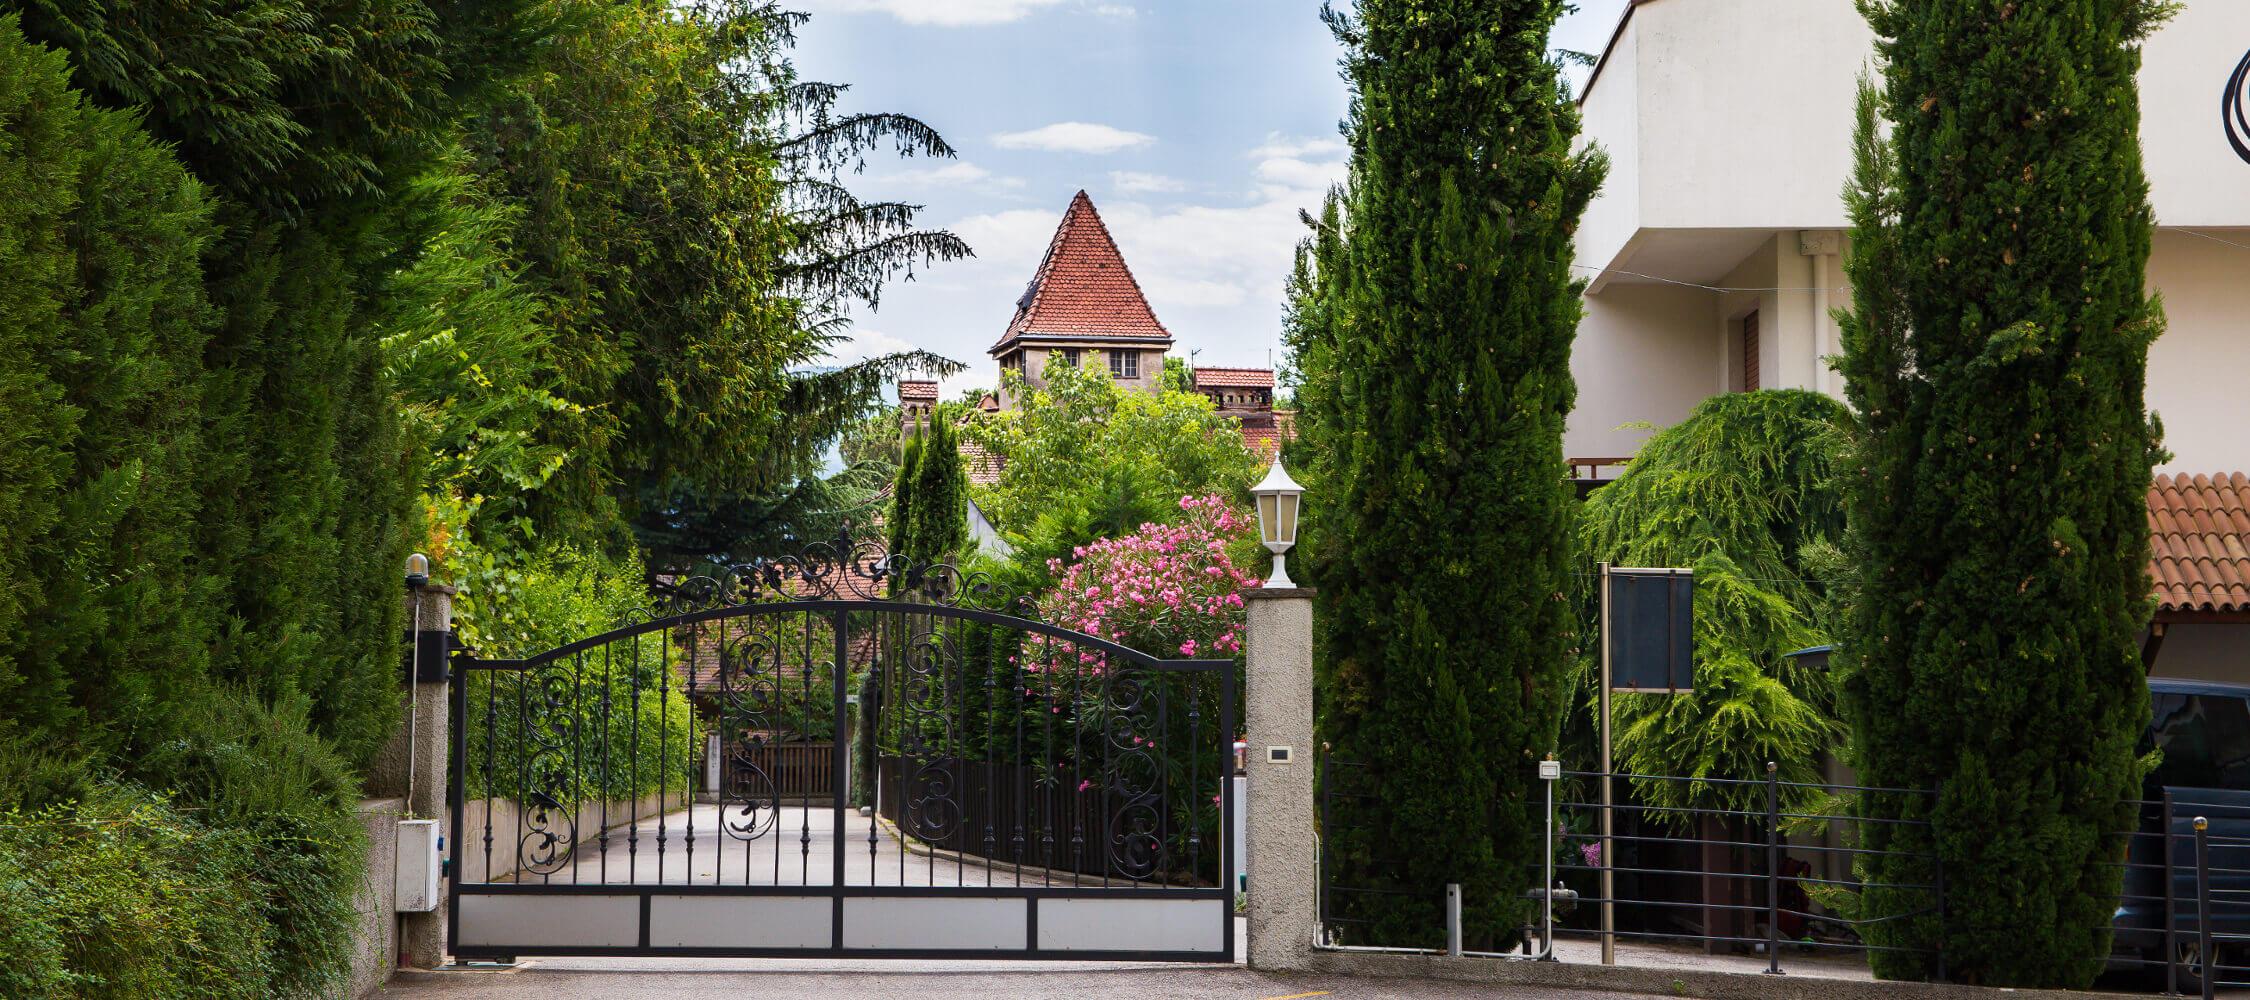 Hotel-Villa-Laurus-Merano-Aussen-Detail-Anguane-6785-2250x1000